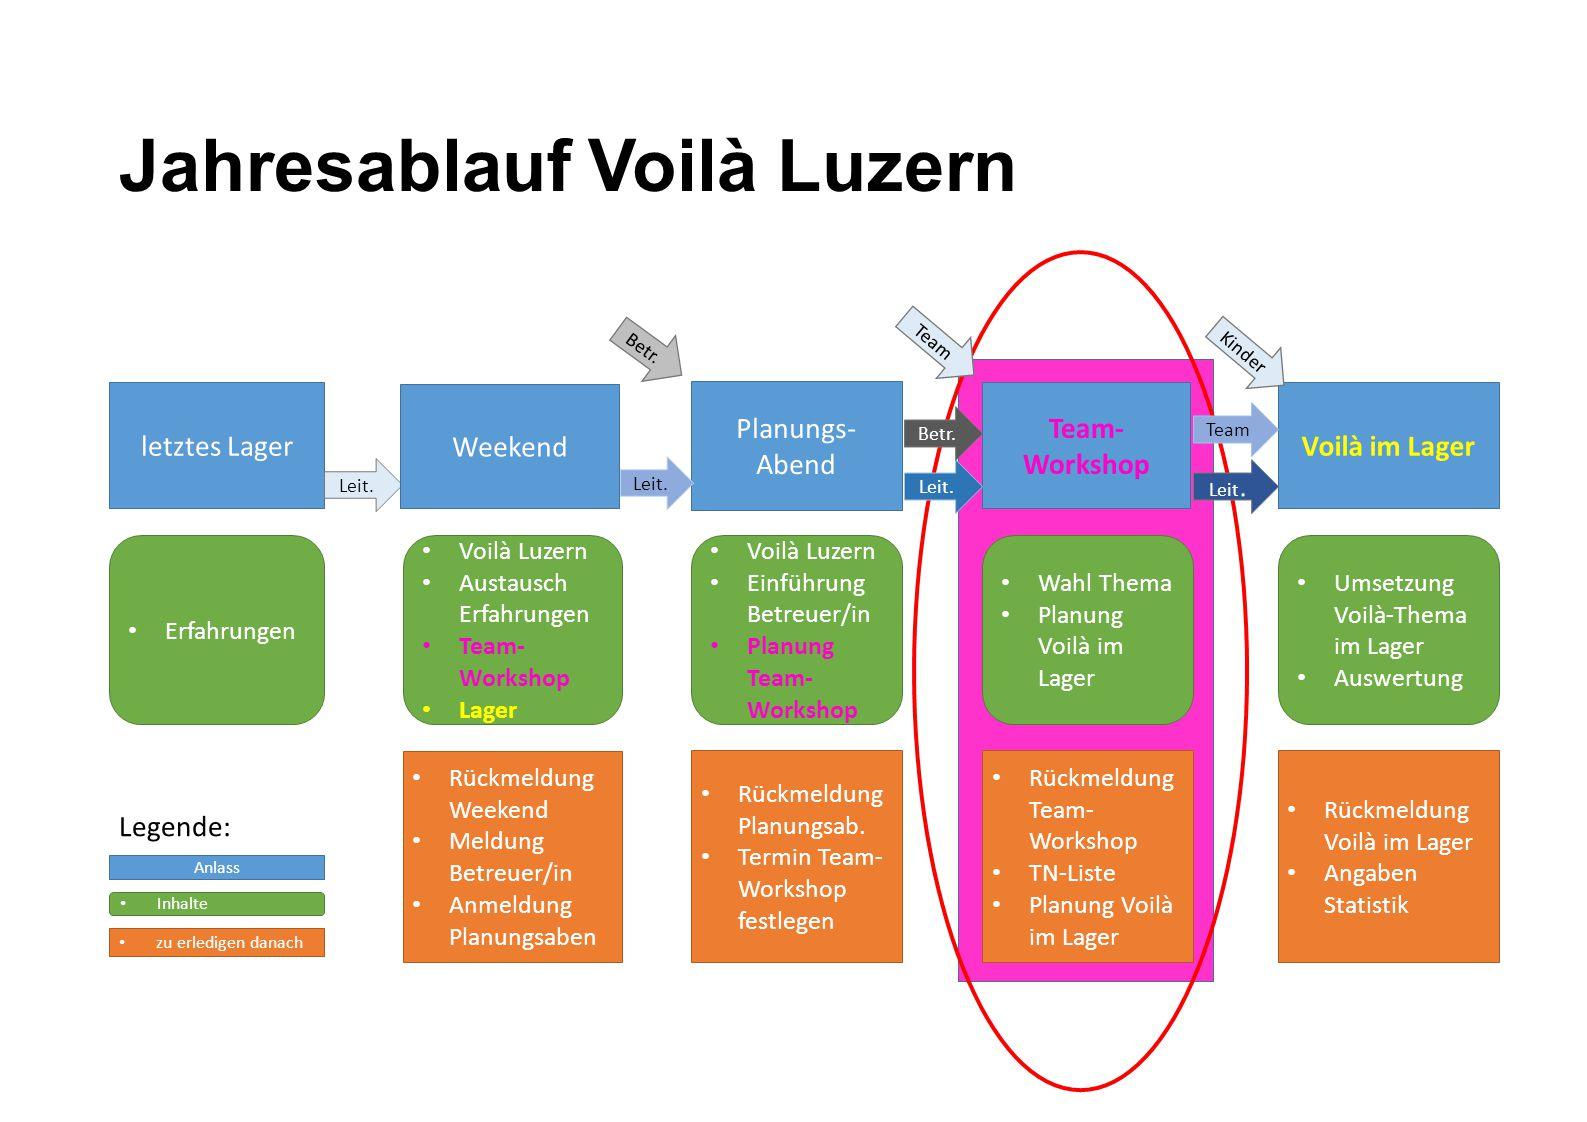 Jahresablauf Voilà Luzern letztes Lager Erfahrungen Voilà Luzern Austausch Erfahrungen Team- Workshop Lager Planungs- Abend Voilà Luzern Einführung Be